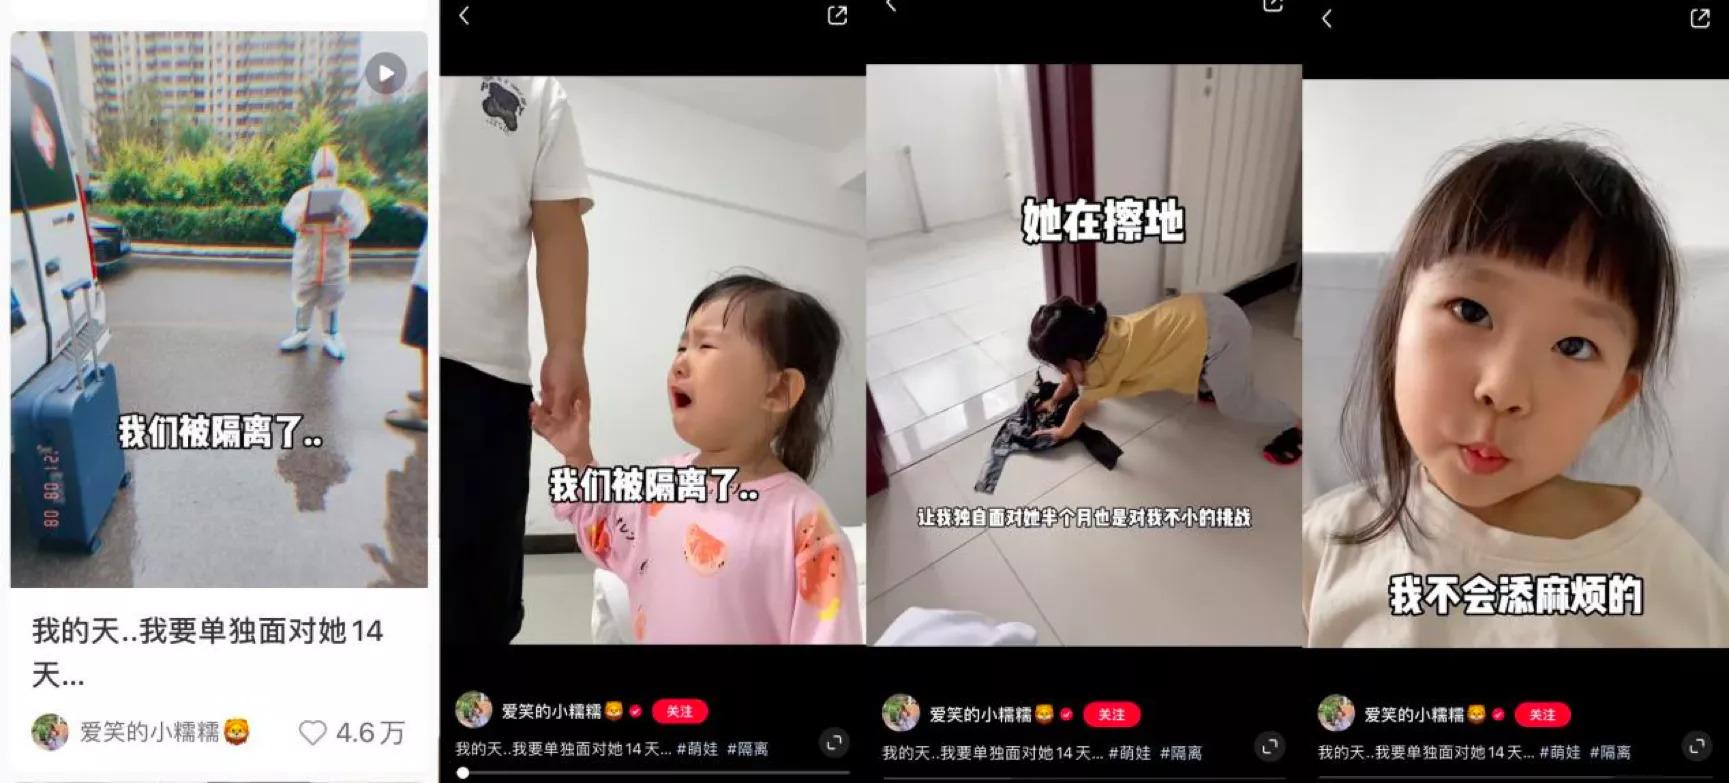 小红书营销:6000字讲透小红书爆文核心